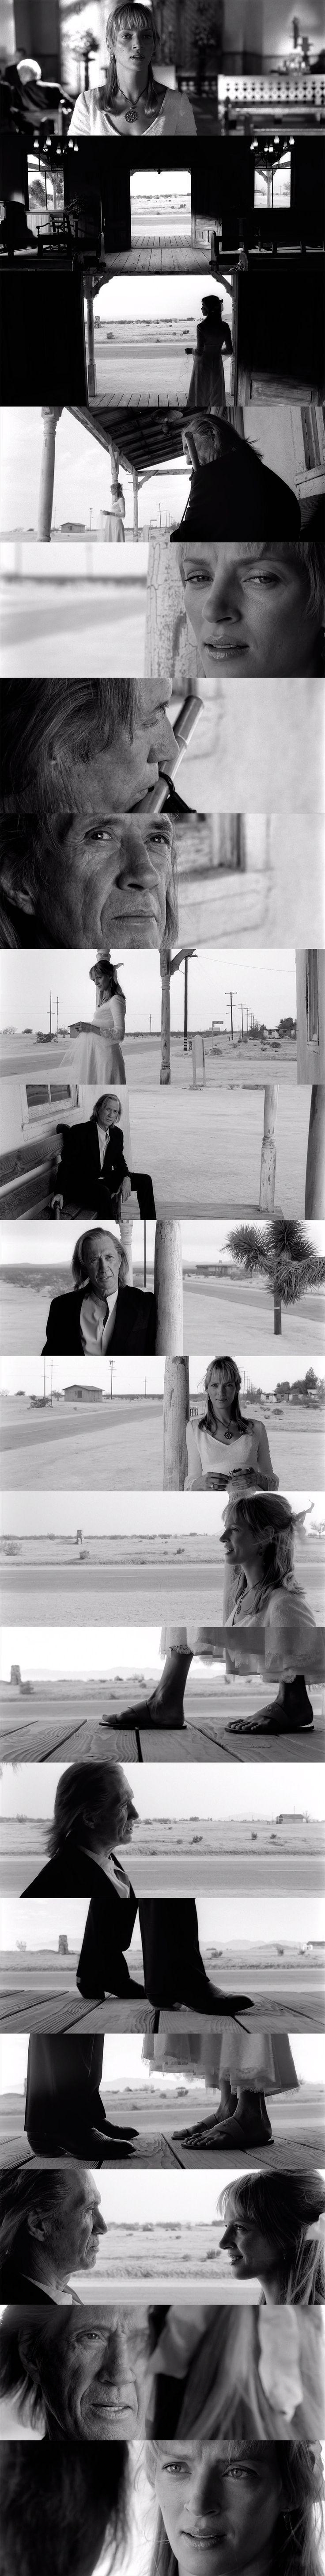 Kill Bill v1,v2 (2003, 2004)   dir. Quentin Tarantino   dop. Robert Richardson